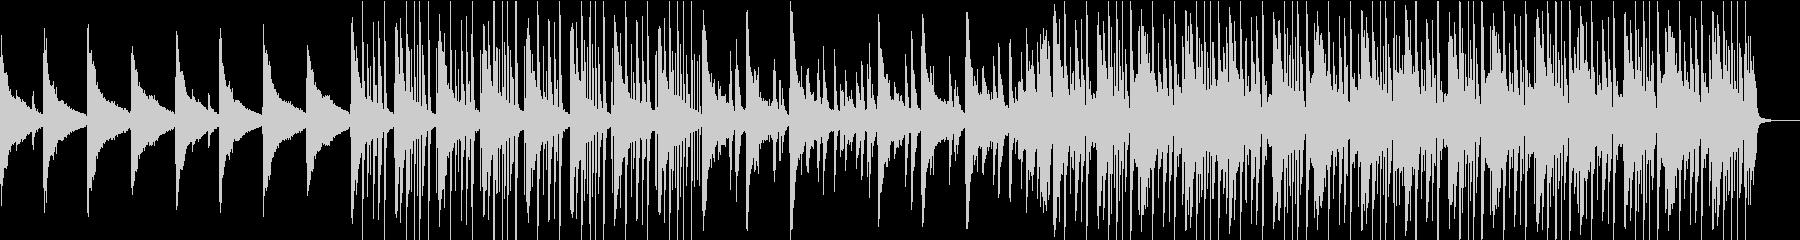 切なく懐かしいイメージのピアノインストの未再生の波形